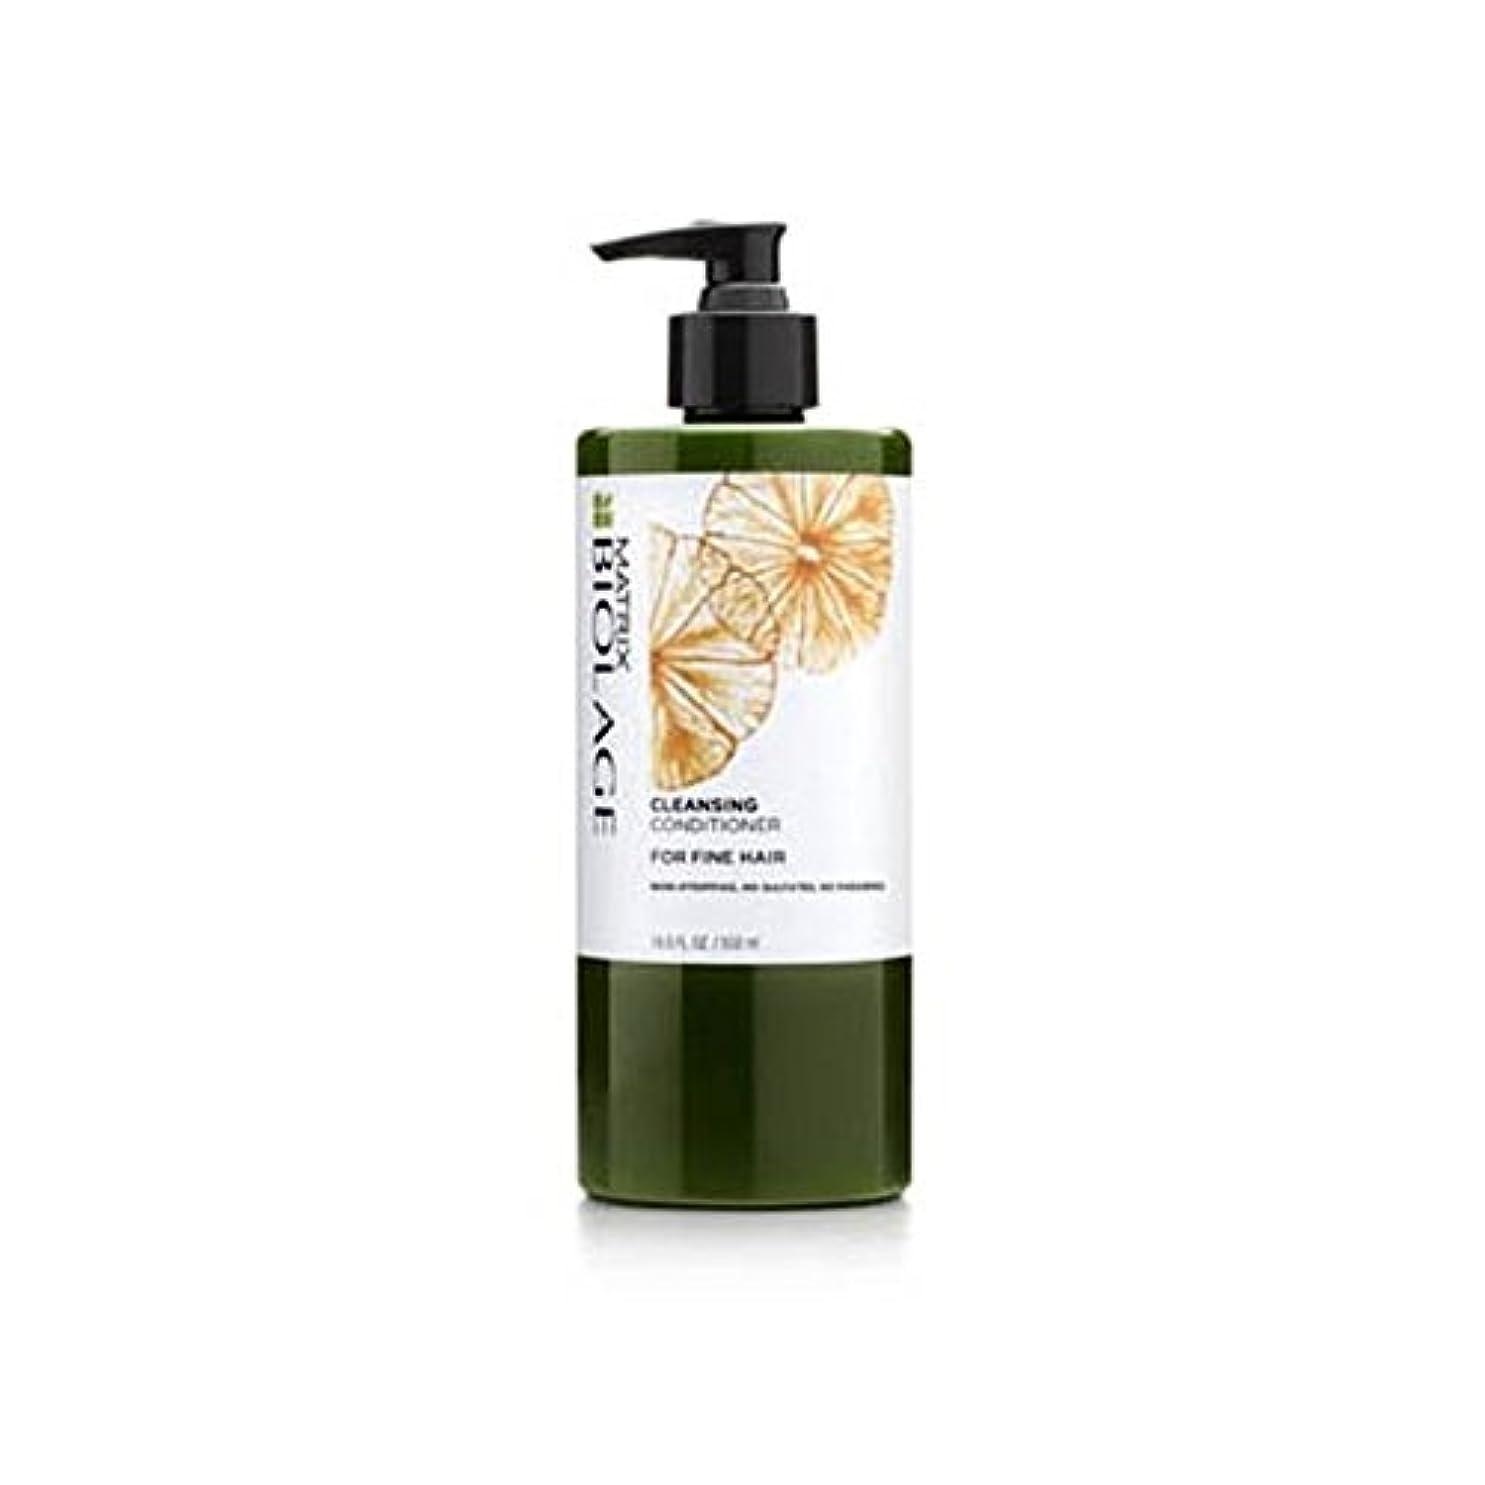 女性ミュージカル戸棚Matrix Biolage Cleansing Conditioner - Fine Hair (500ml) - マトリックスバイオレイジクレンジングコンディショナー - 細い髪(500ミリリットル) [並行輸入品]